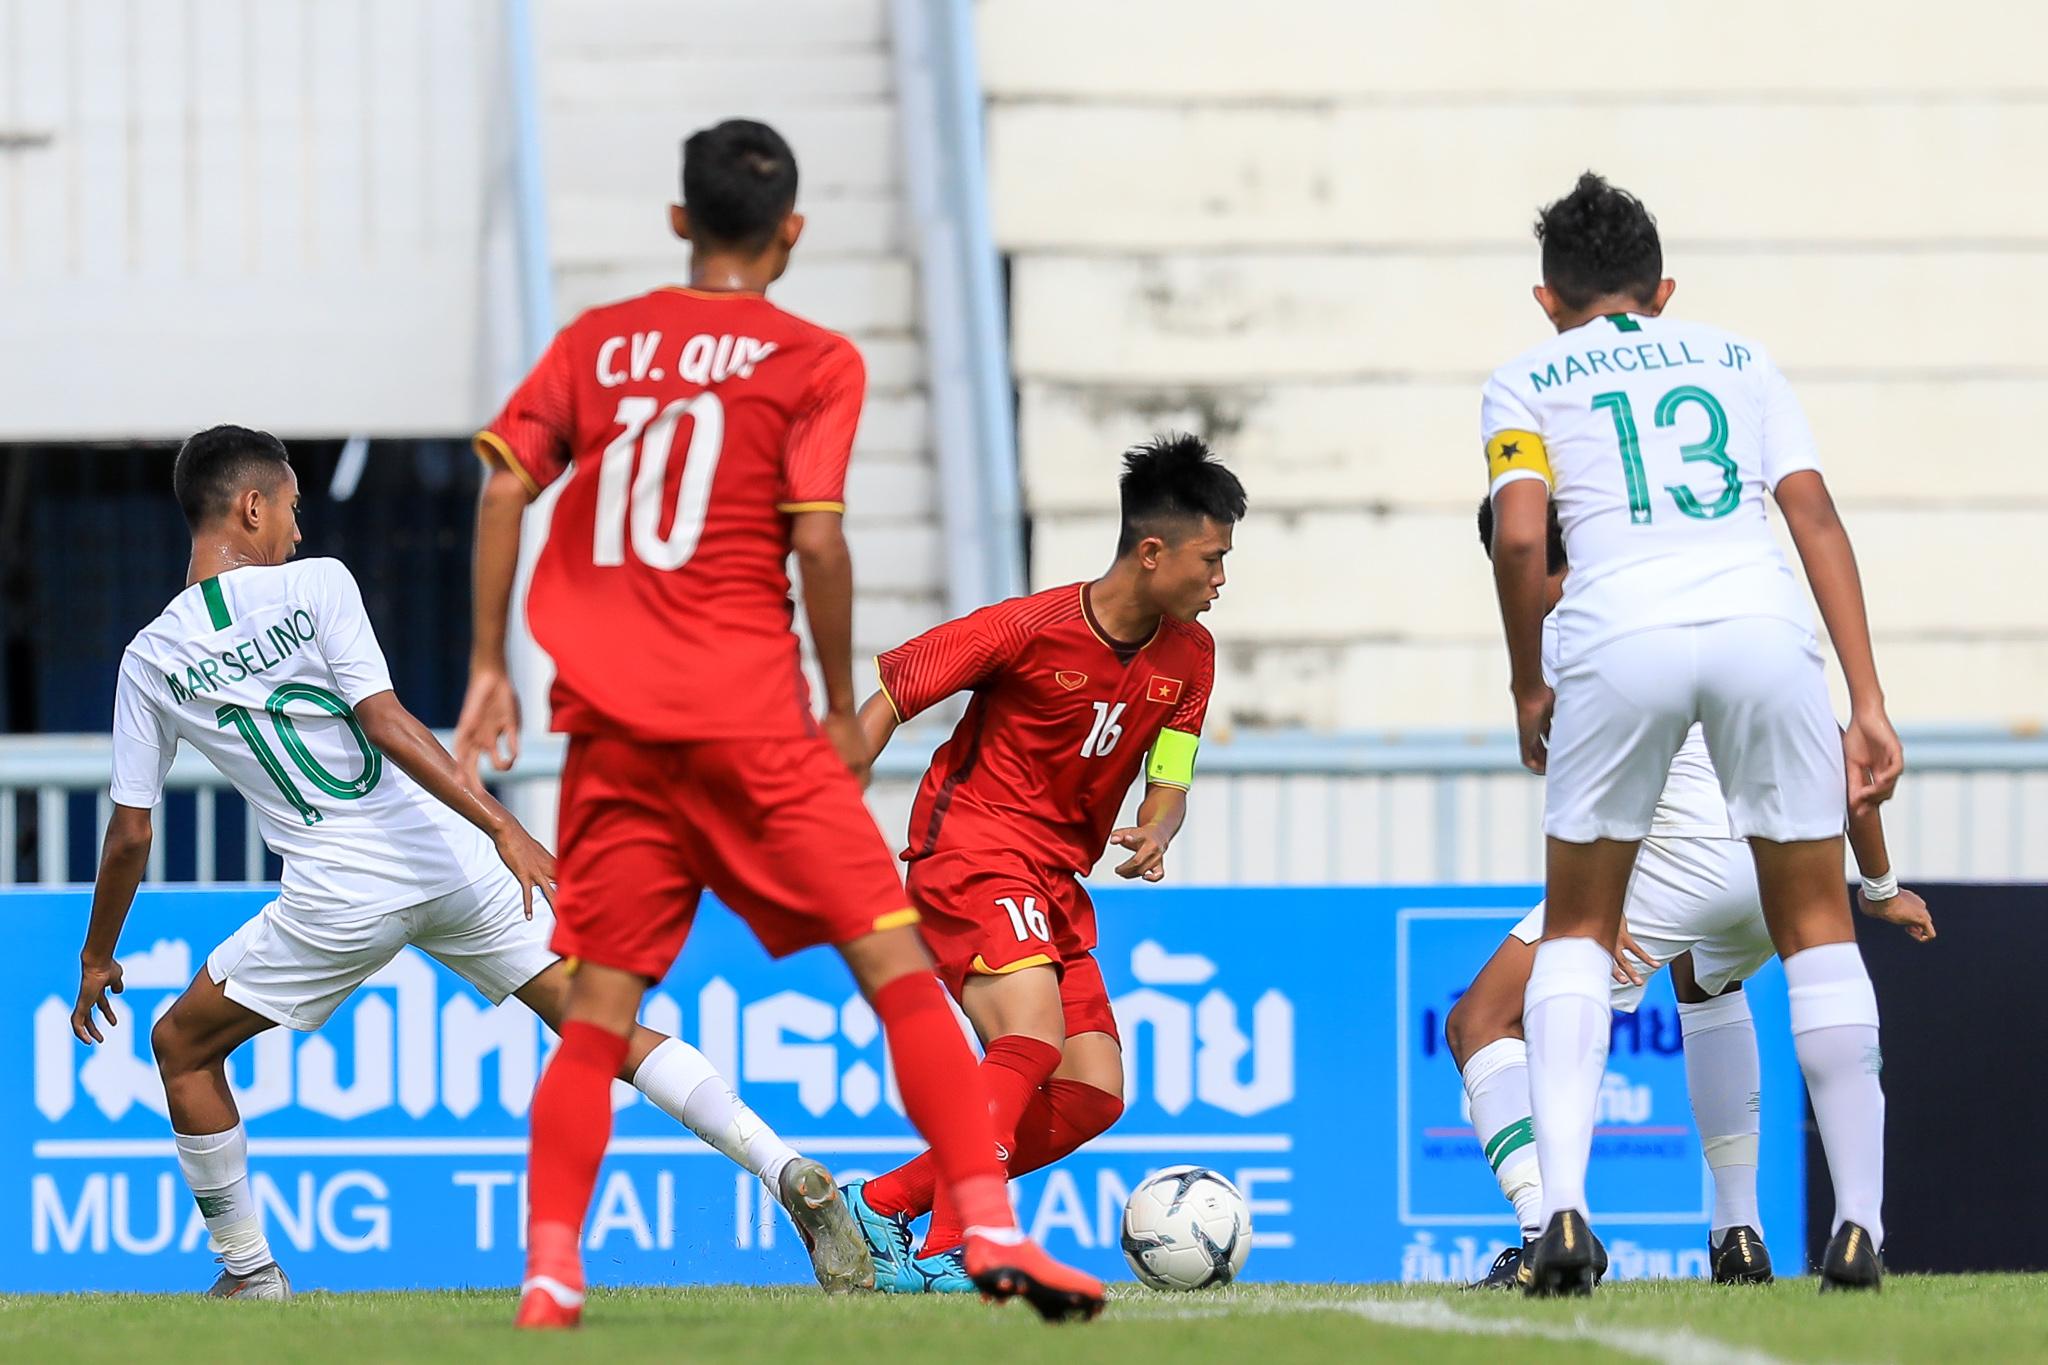 Thua sau loạt luân lưu 11m, U15 Việt Nam xếp thứ 4 tại Giải vô địch U15 Đông Nam Á 2019